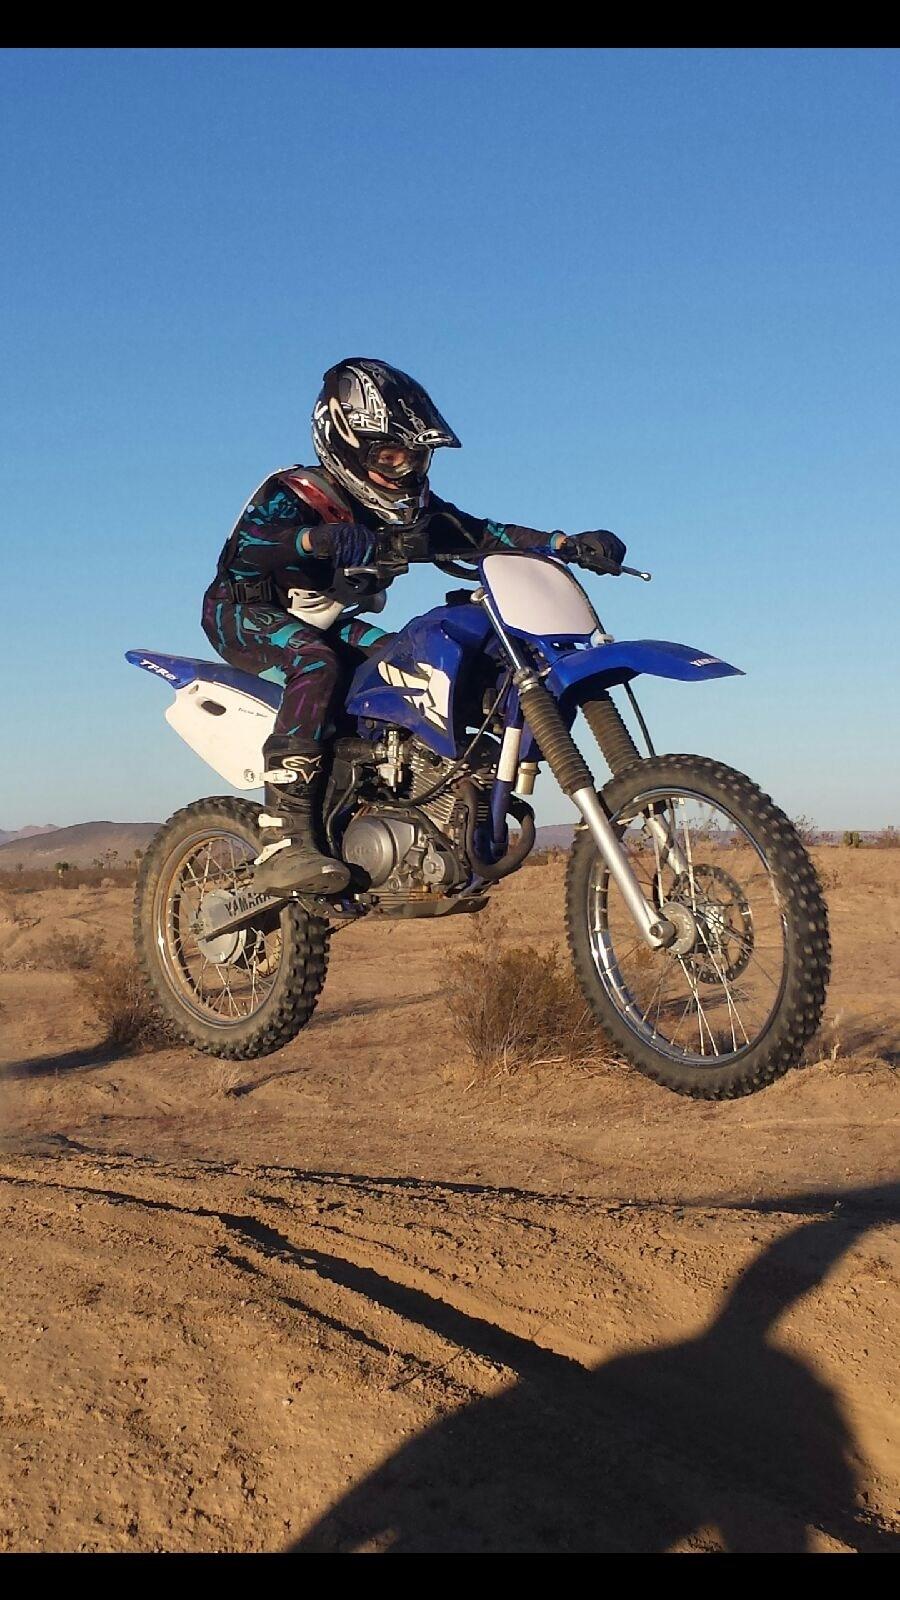 Student doing motorcross